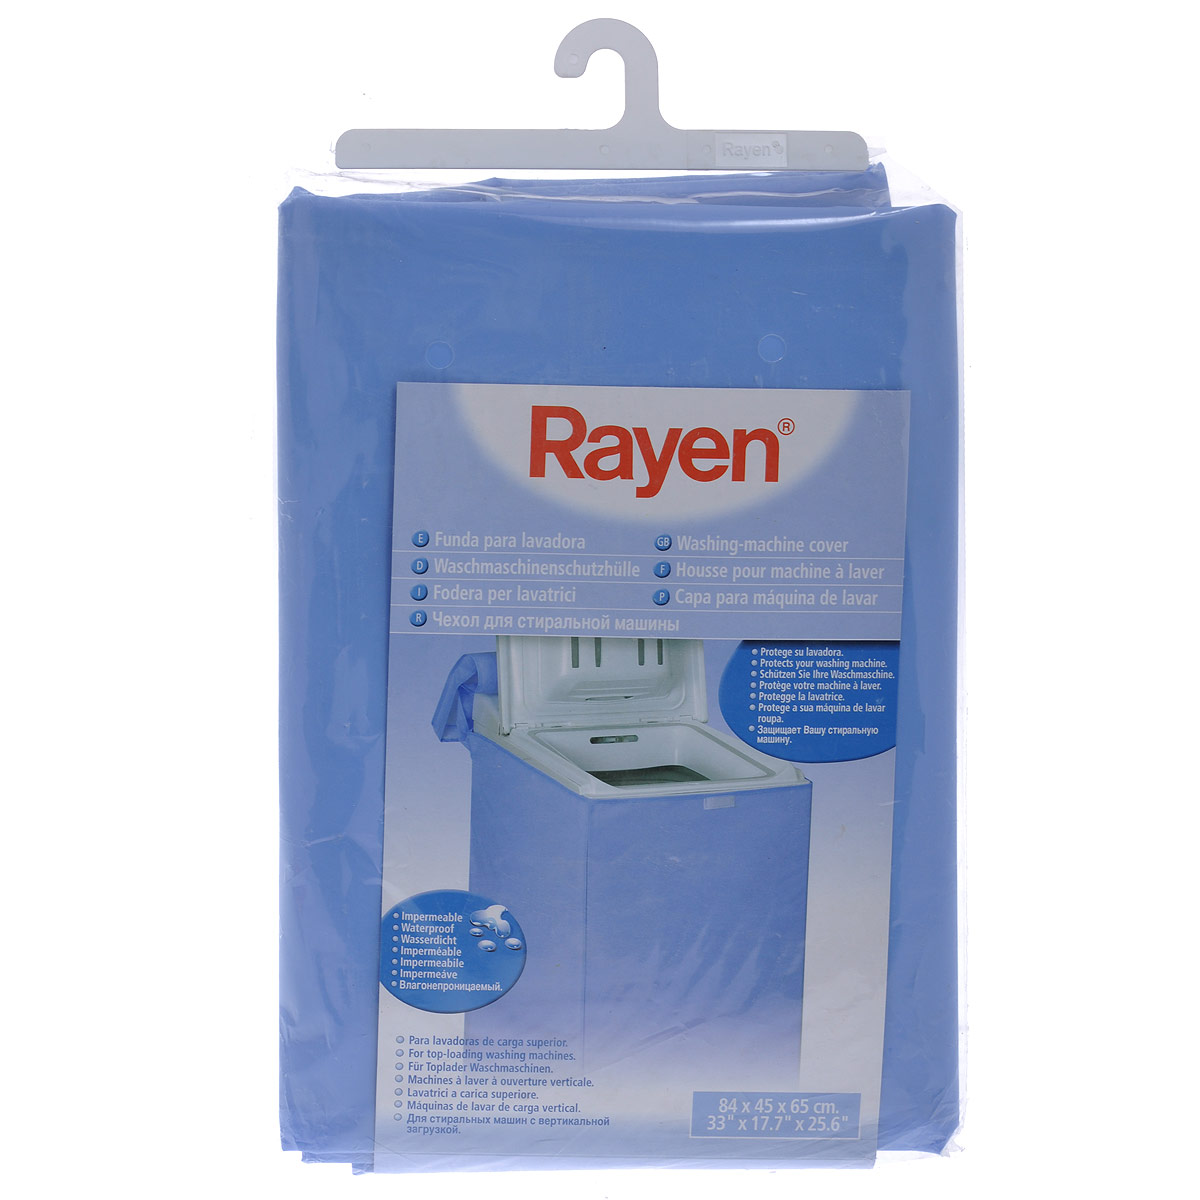 Чехол Rayen для вертикальной стиральной машины, 84 х 45 х 65 см37003216Чехол Rayen, выполненный из синтетической влагонепроницаемой ткани, защитит вашу стиральную машину от царапин, ударов, грязи и т.д. Чехол сшит так, что он не будет закрывать панель управления. Характеристики: Материал: синтетическая ткань. Размер чехла: 84 см х 45 см х 65 см. Размер упаковки: 32 см х 22 см х 2 см. Производитель: Испания. Артикул: 37003216.